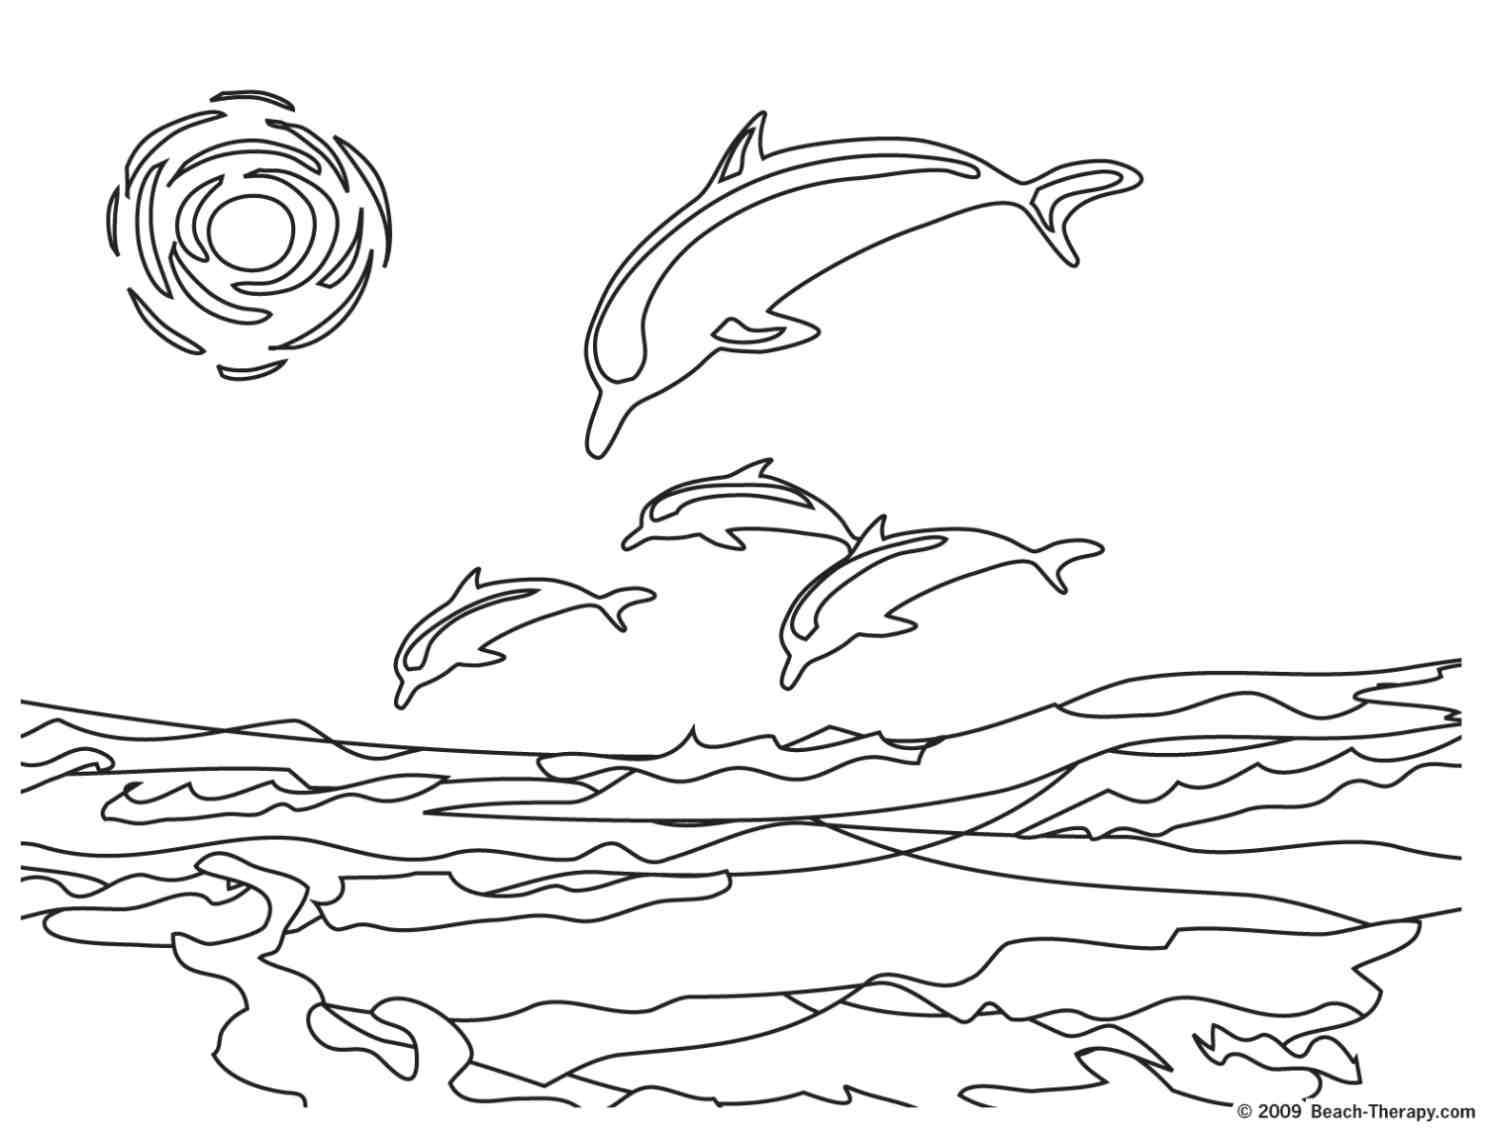 Coloriage dessiner de dauphin amoureux a imprimer - Dauphin a dessiner ...